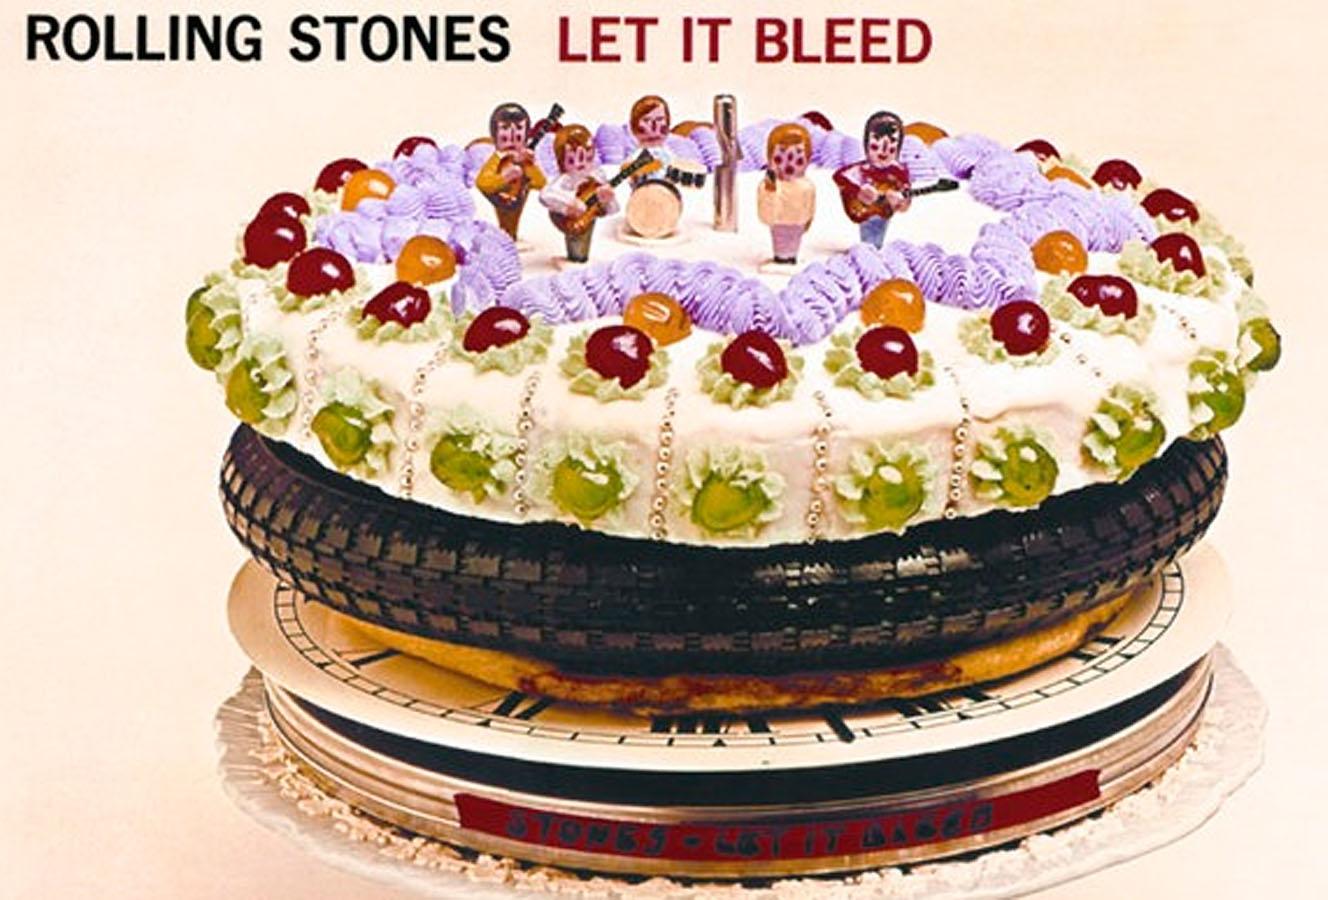 Let_it_bleed